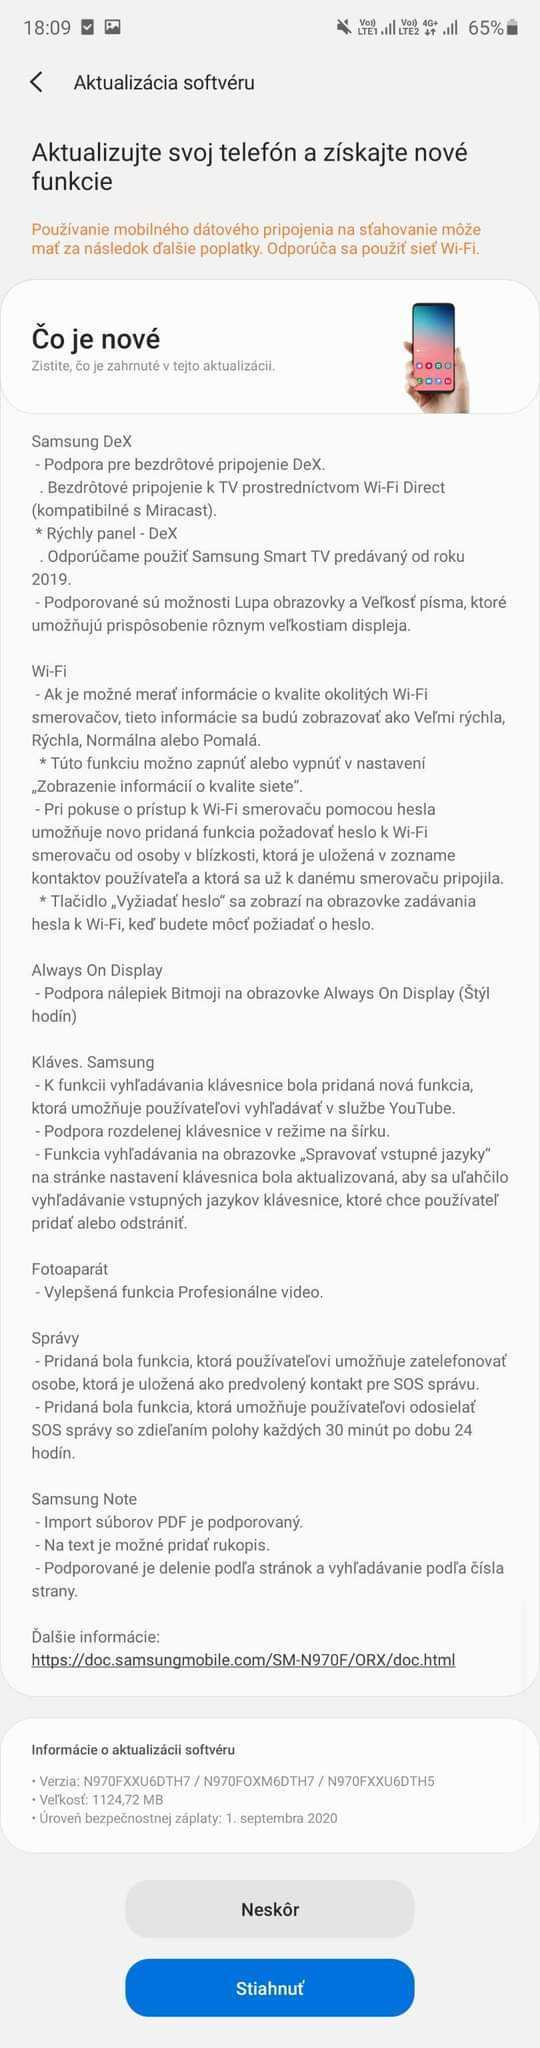 Samsung Galaxy S10 aktualizácia